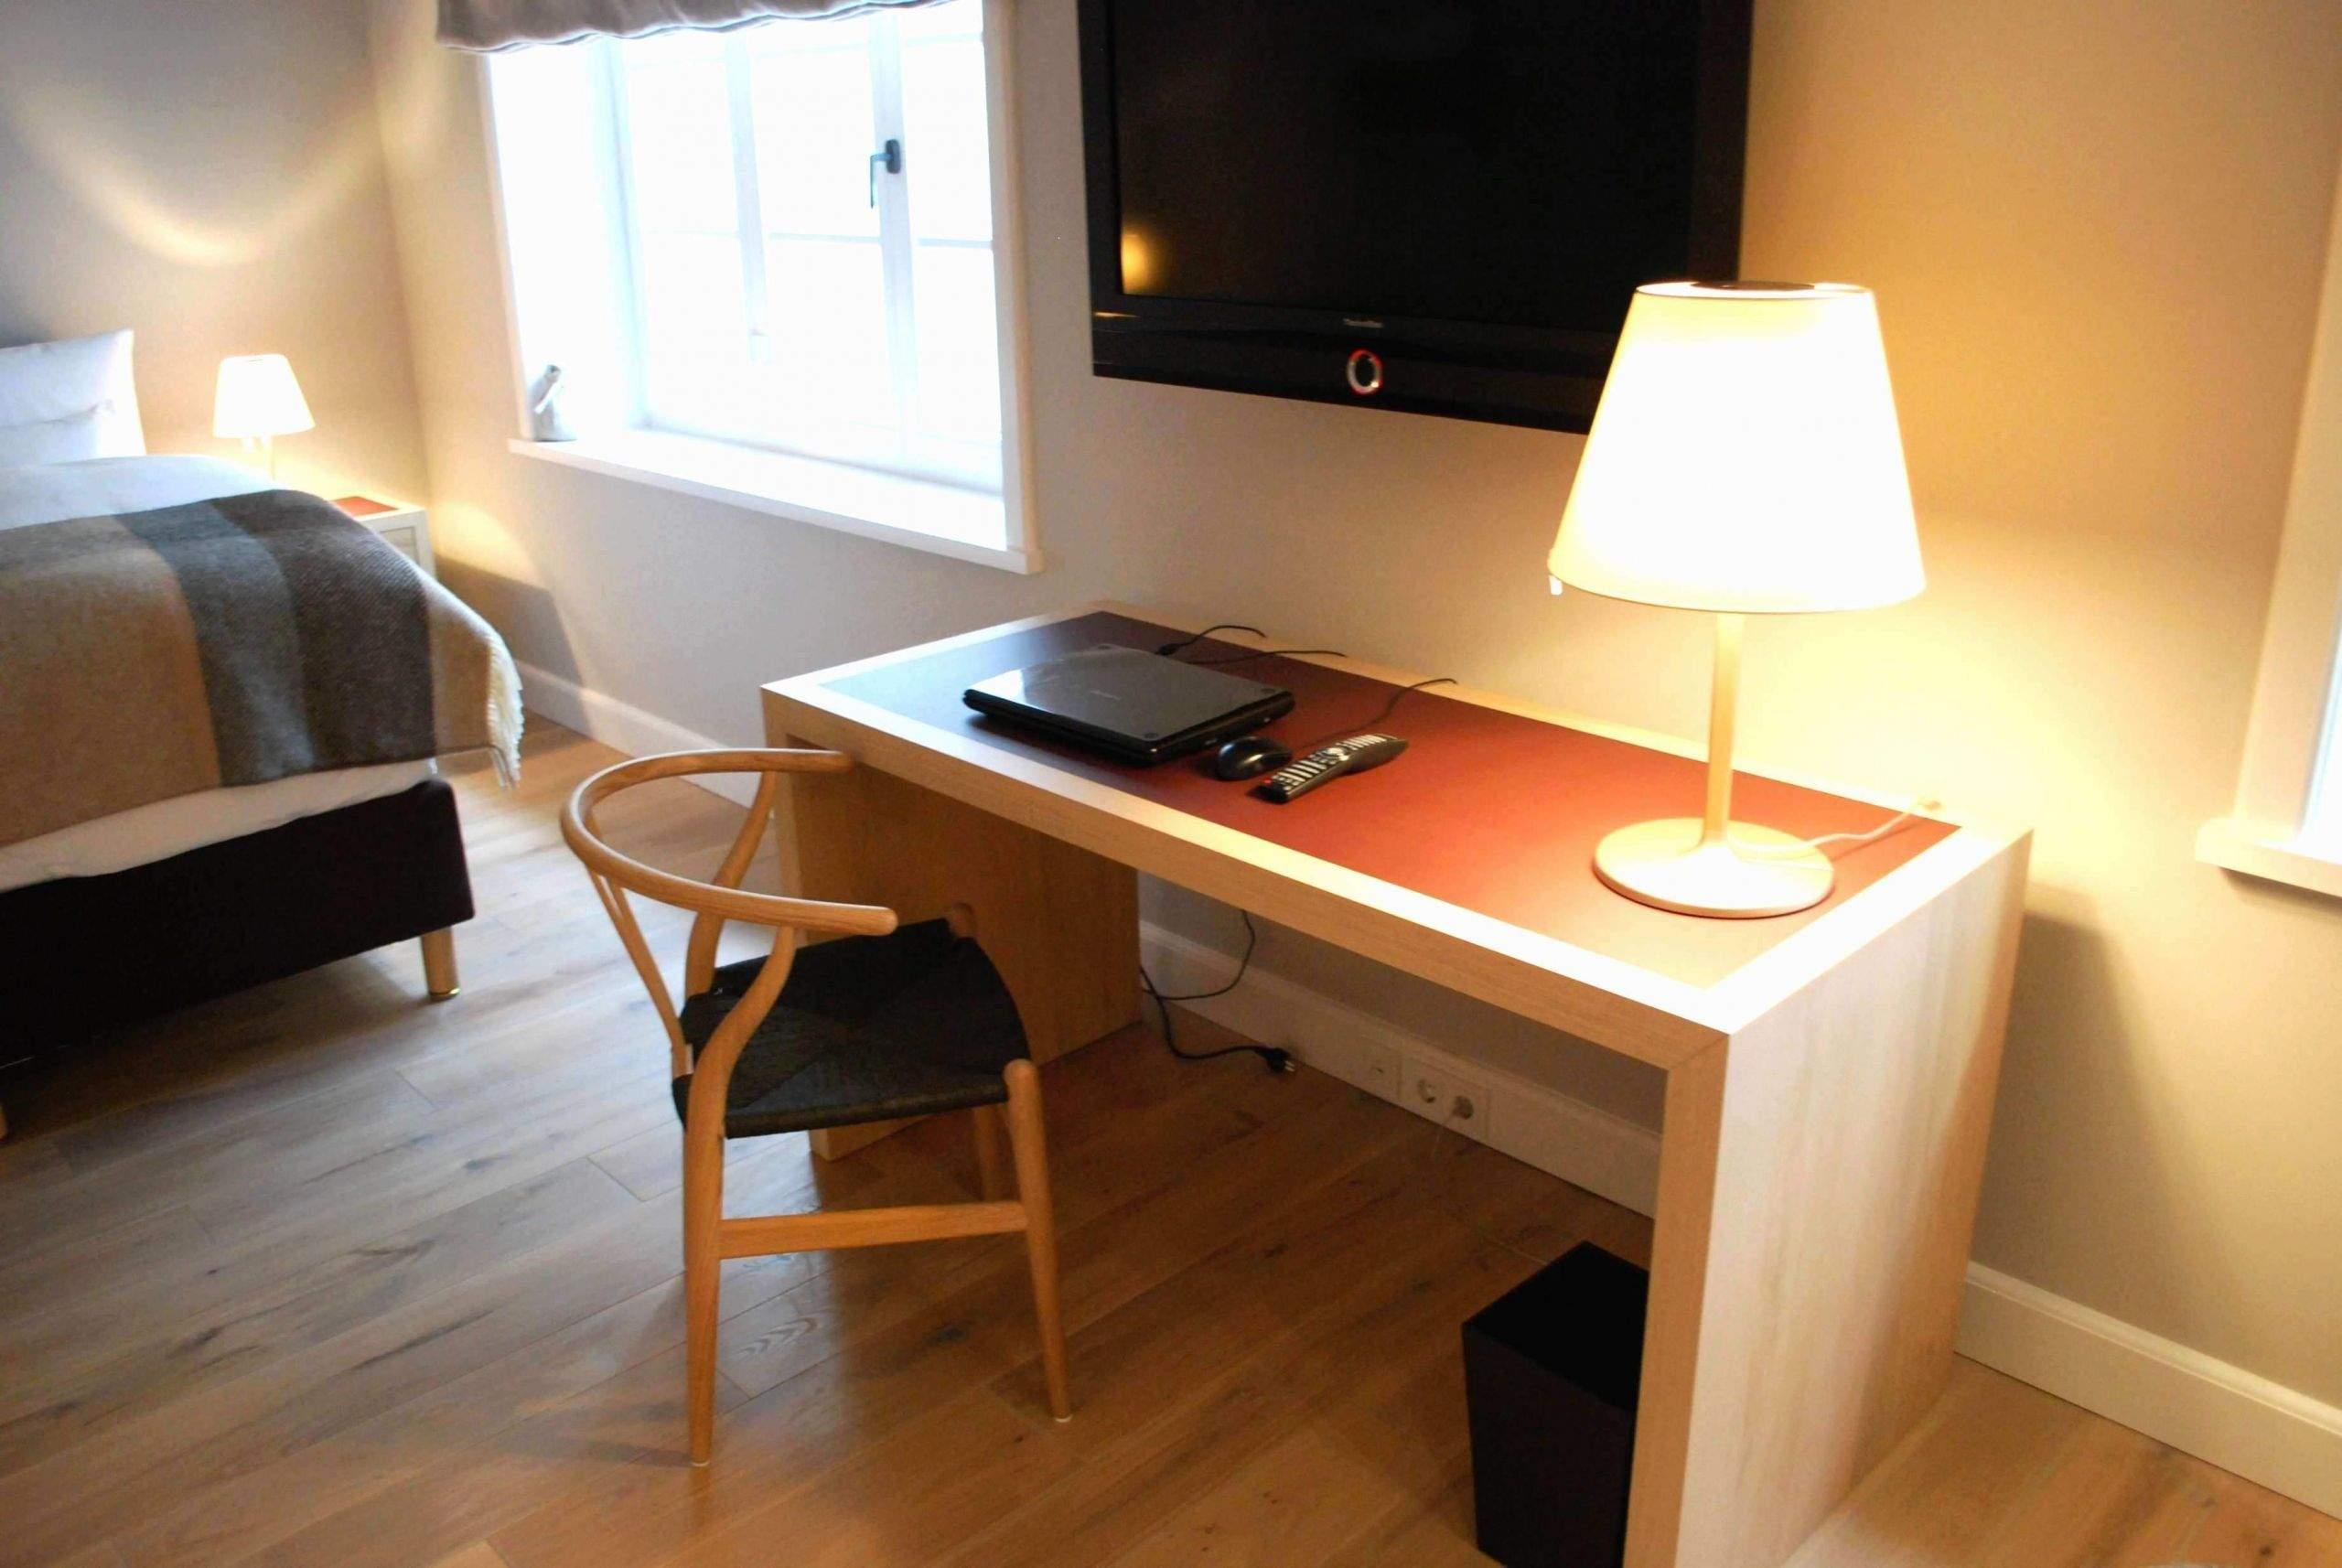 wandtattoo fur wohnzimmer inspirierend 50 einzigartig von wohnzimmer ideen wandgestaltung konzept of wandtattoo fur wohnzimmer scaled